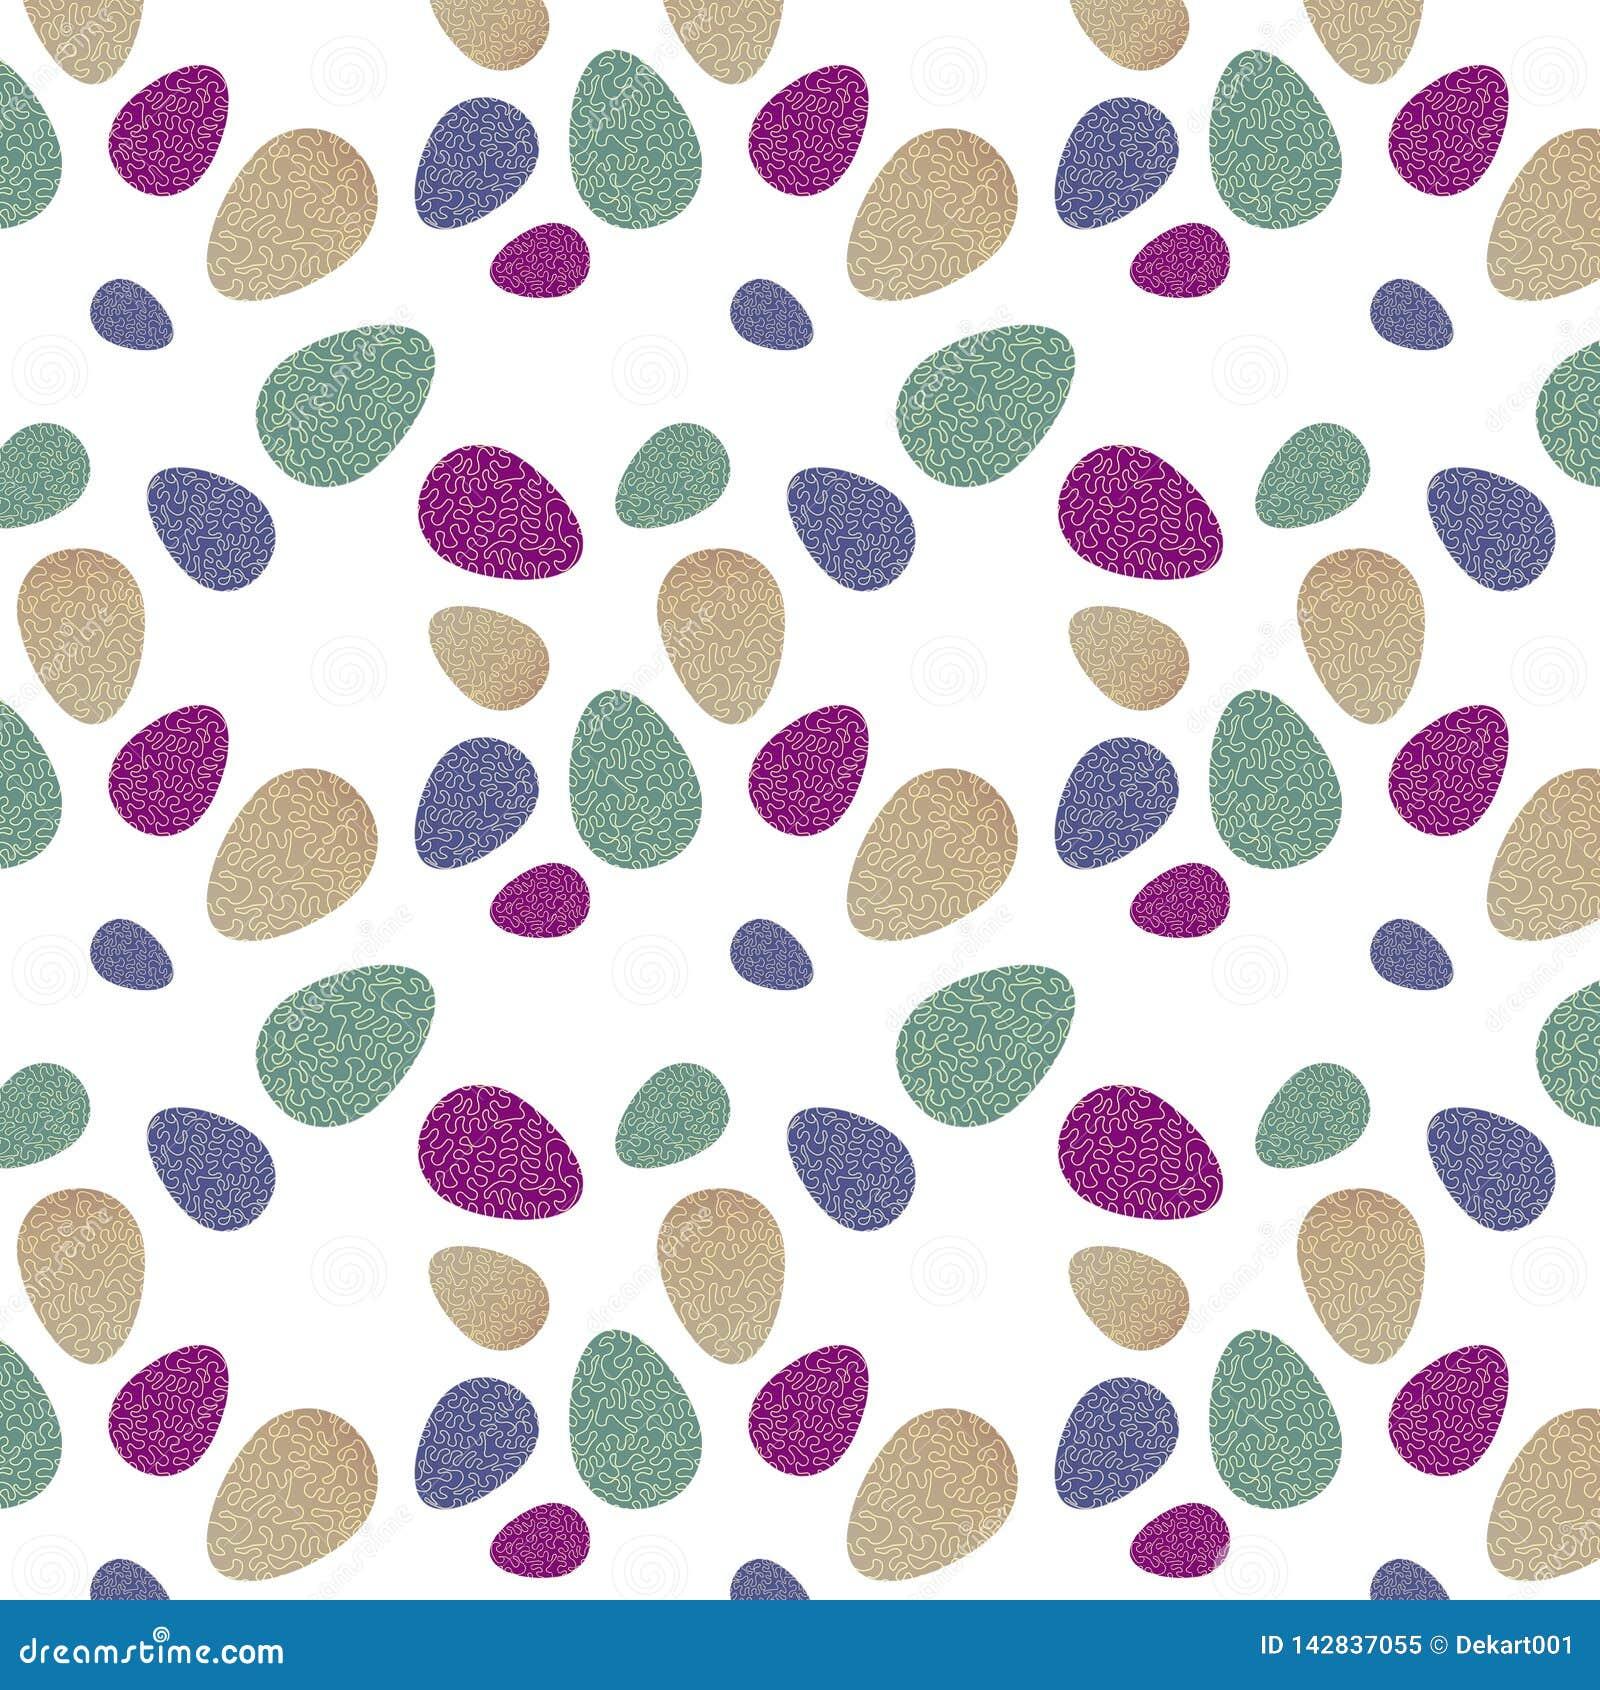 Patroon met kleurrijke paaseieren met groene, violette, purpere en beige achtergrond, golvende gele lijn